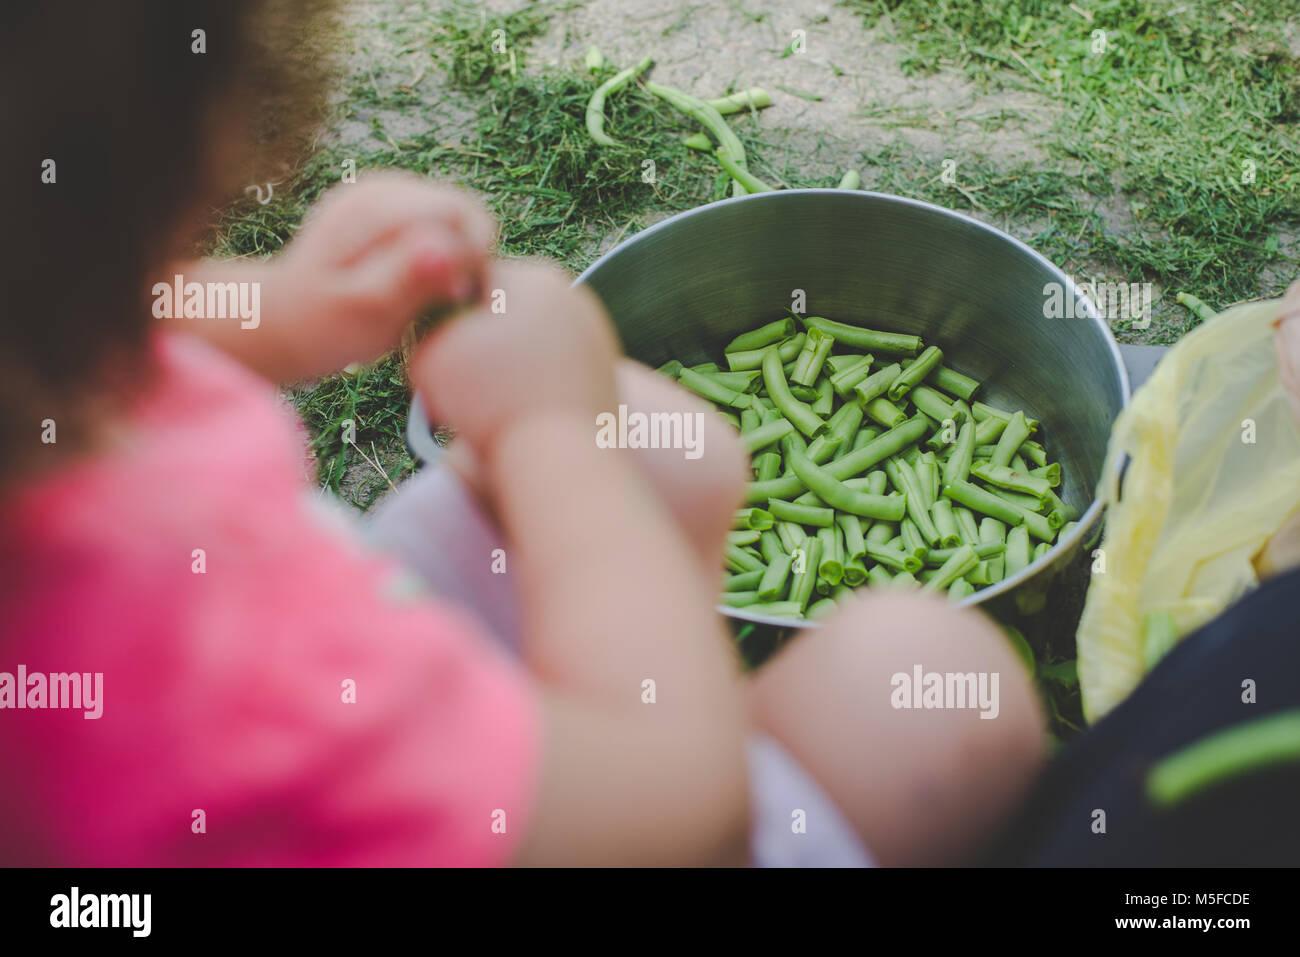 Una joven niña broches frijoles verdes frescos en una olla. Imagen De Stock